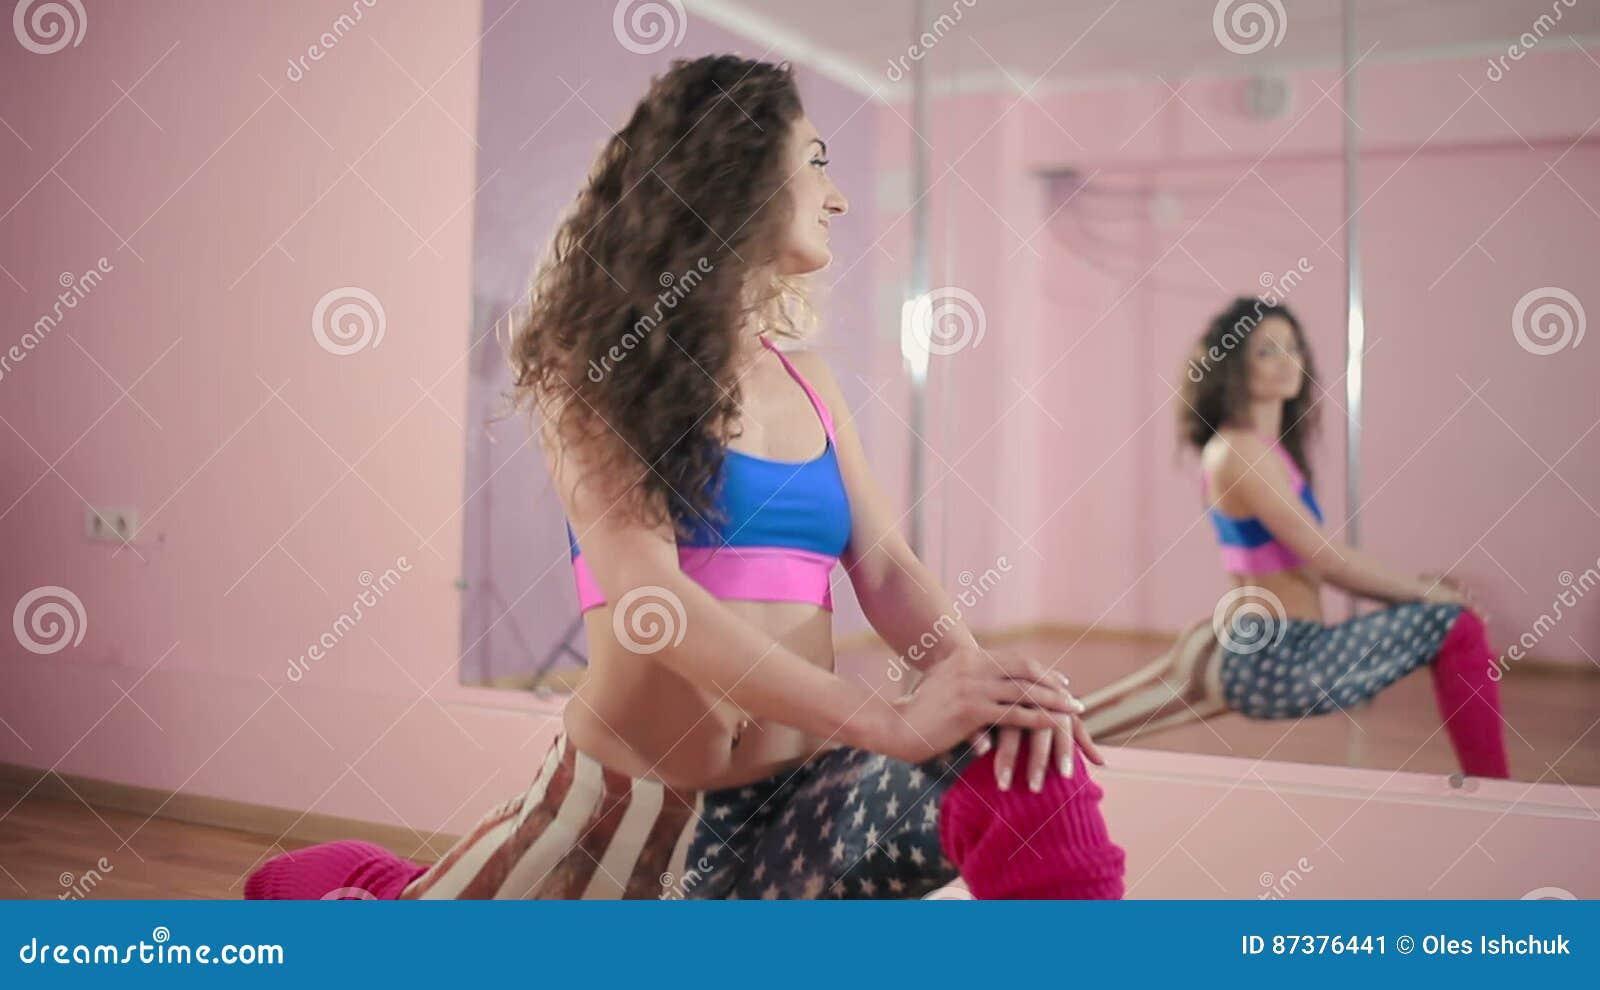 Танцы возле зеркала клип, порно видео дикий бесконечный оргазм от анала